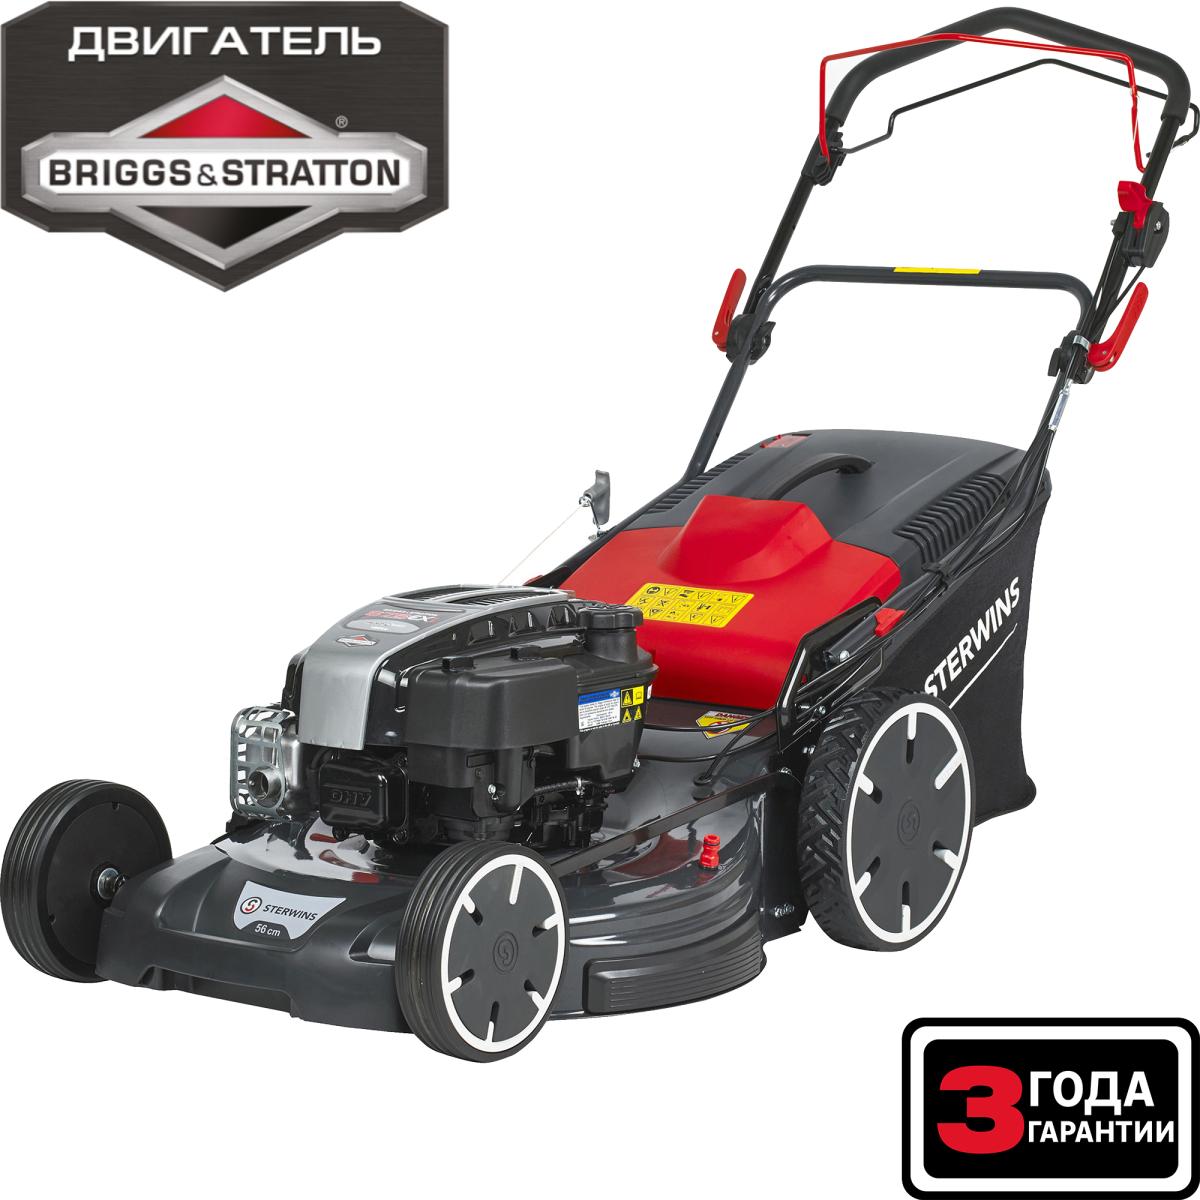 Газонокосилка бензиновая самоходная Sterwins PRO Briggs&ampStratton 4.3 л/с 56 см